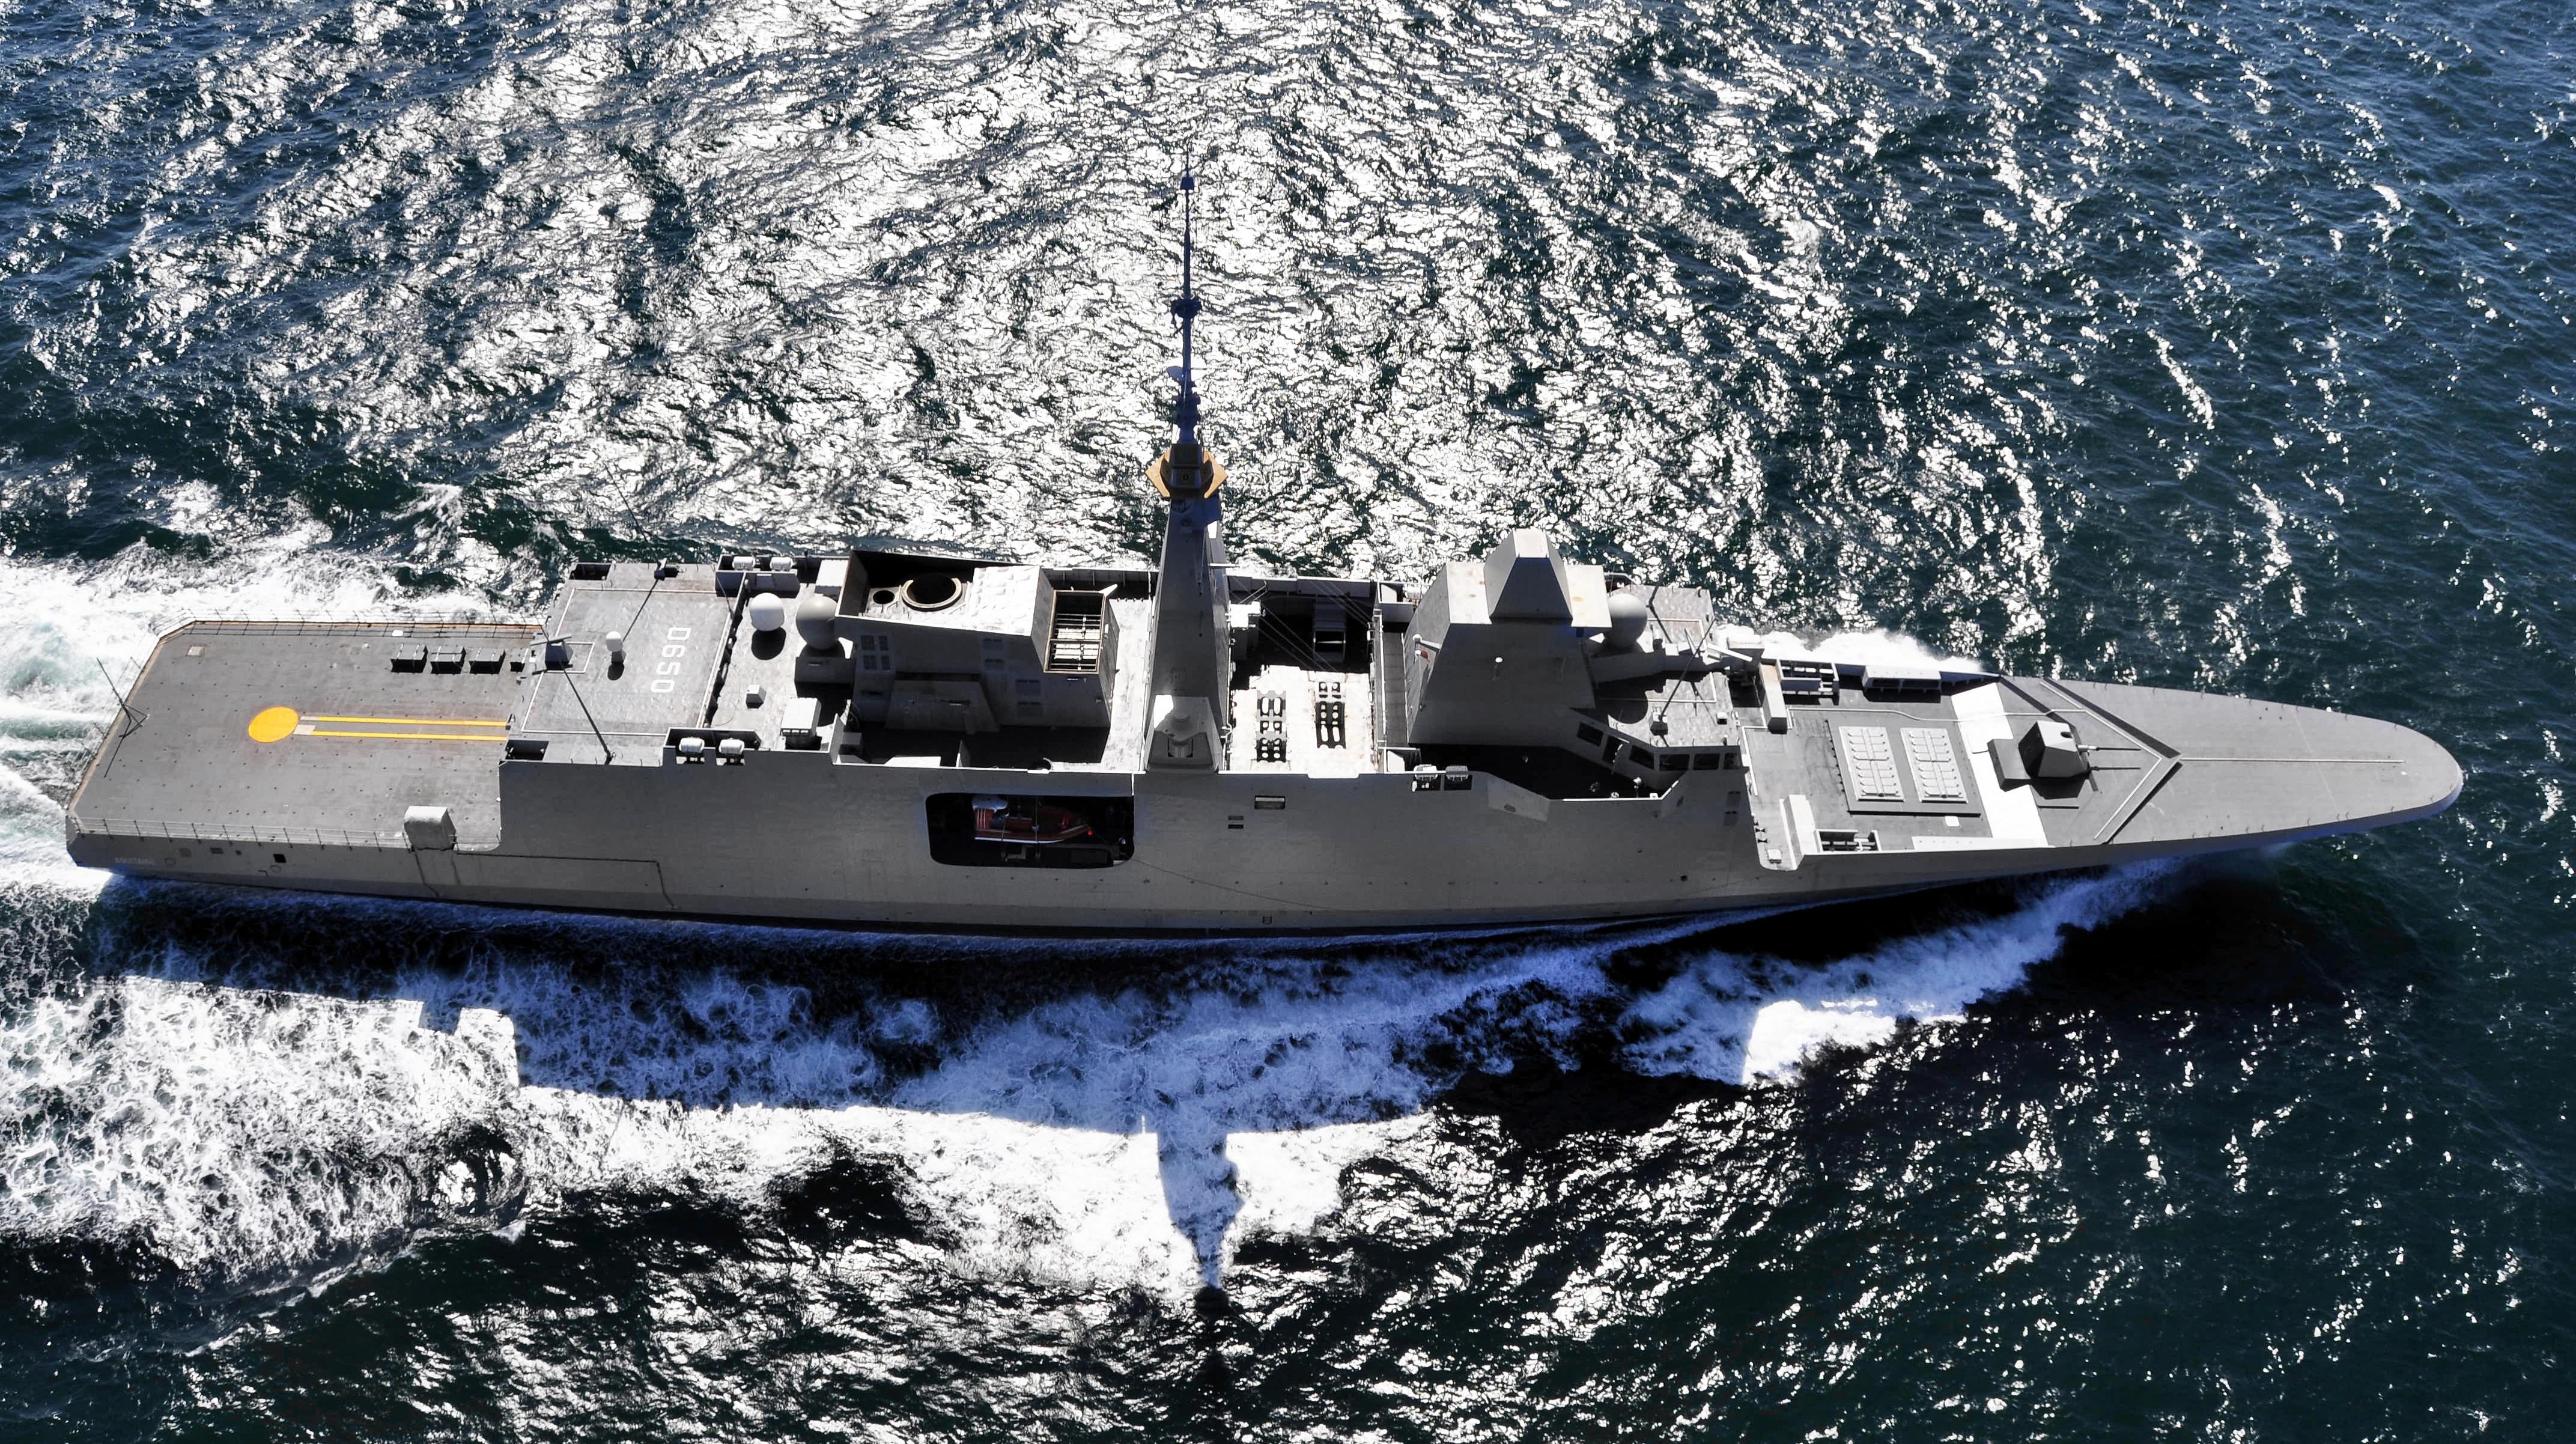 خطه خمسية لتطوير البحرية المصرية . للمناقشة  - صفحة 3 Manoeuvre_fremm_aquitaine_28_avril_2011037